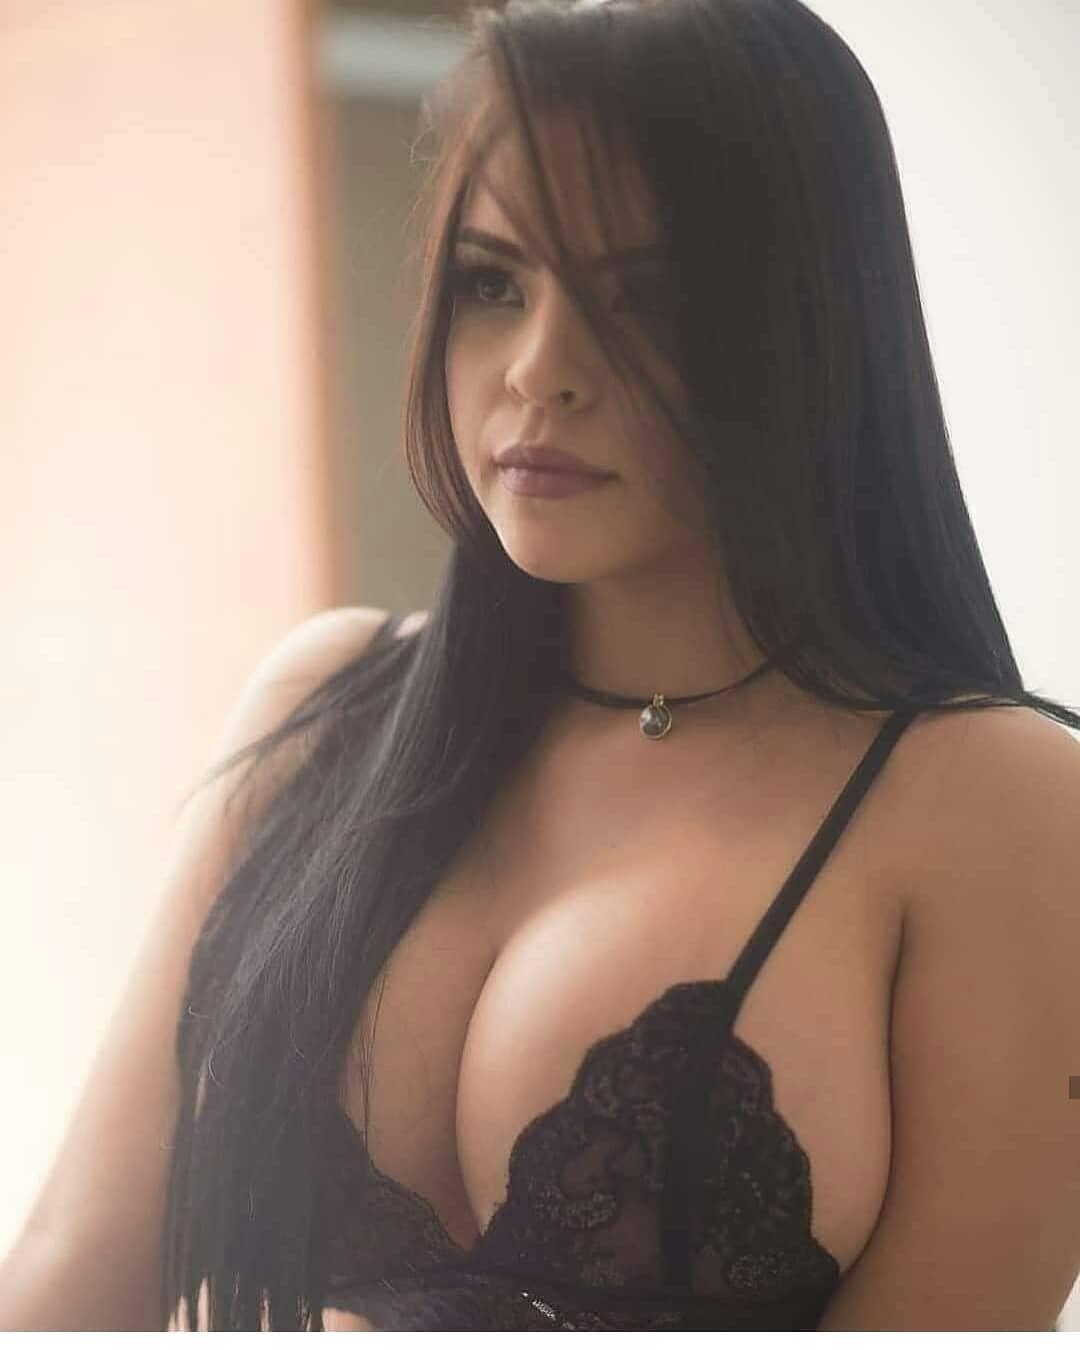 Hot models pic